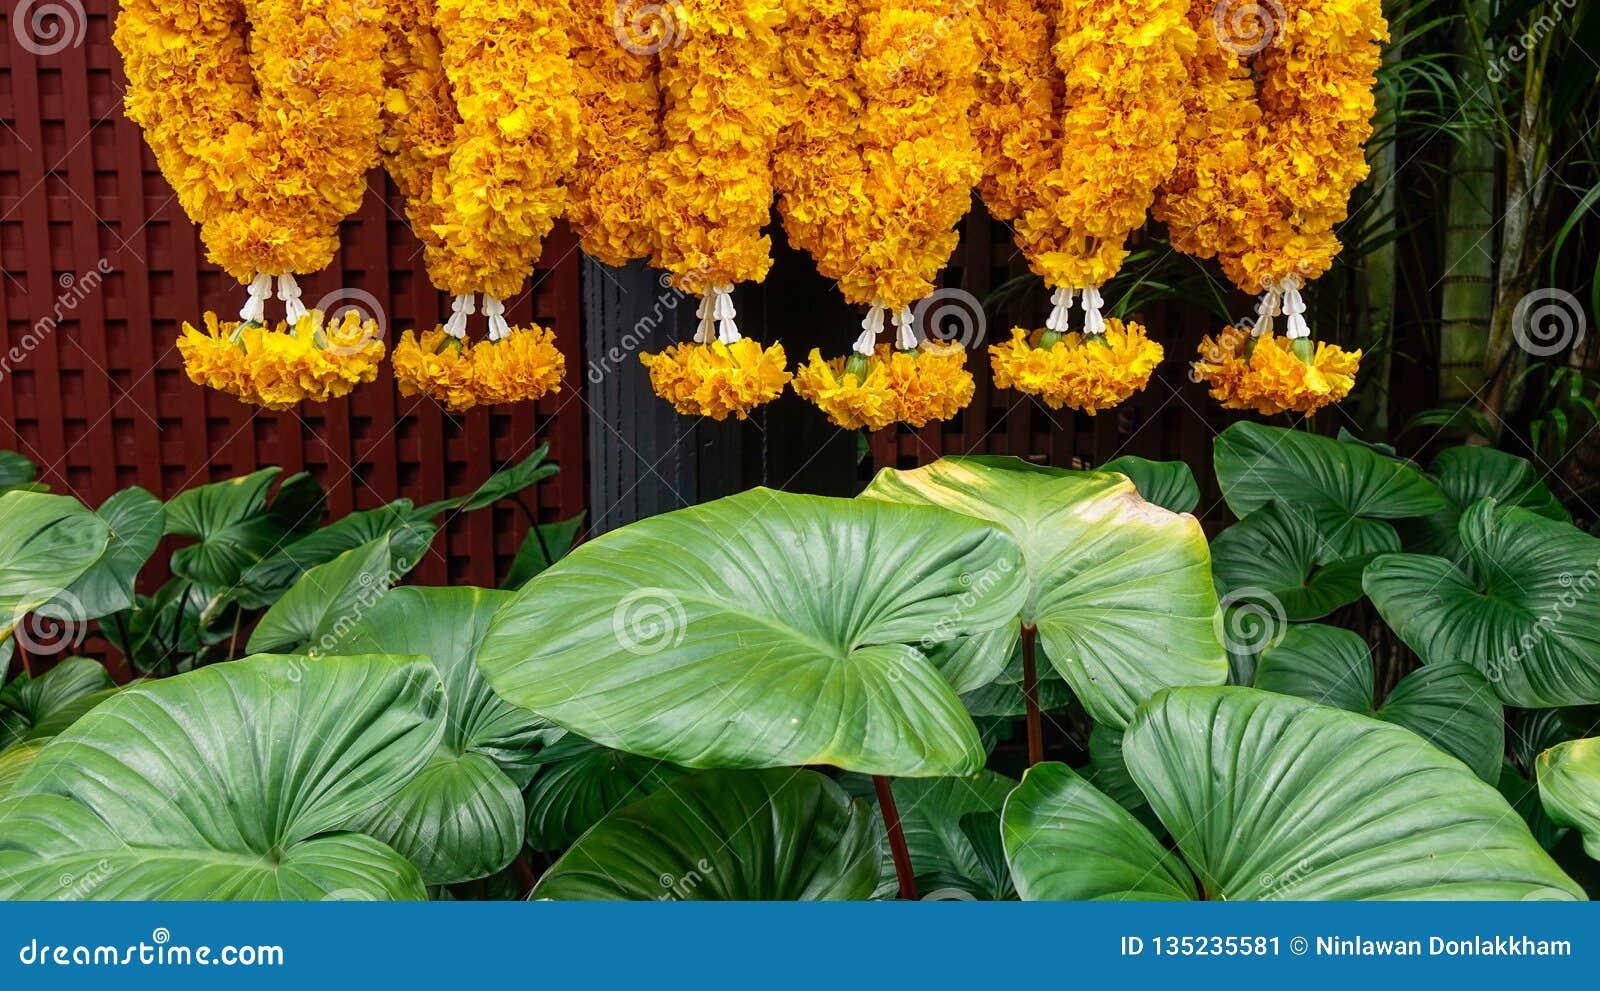 Be blommor med gröna växter